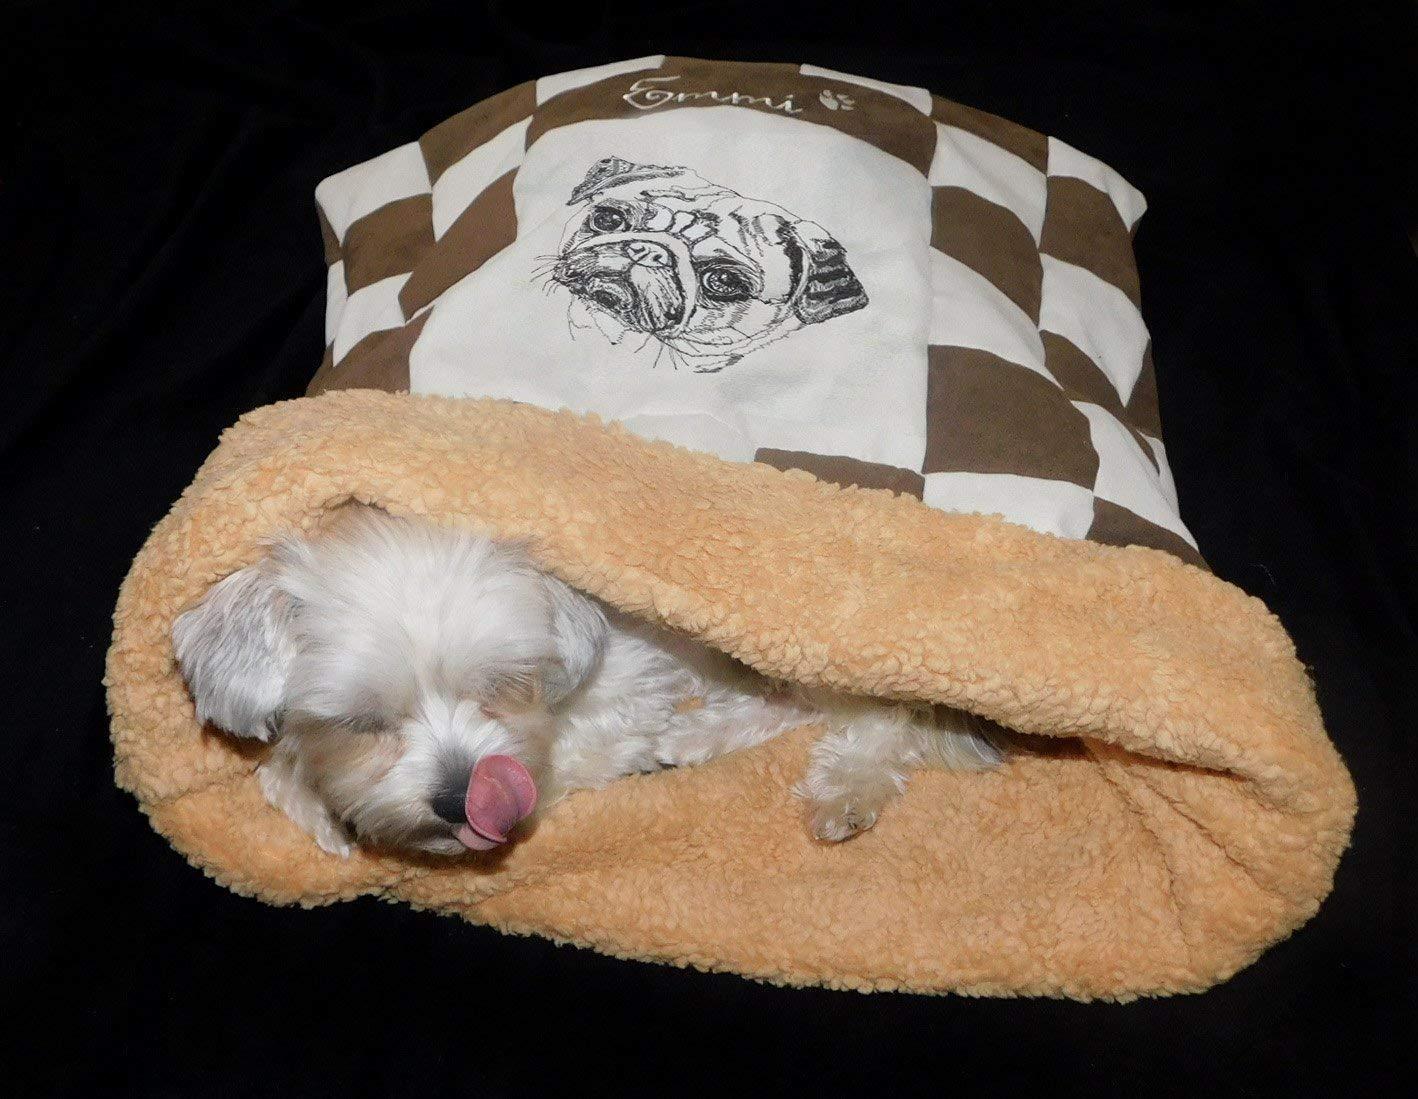 LunaChild Hunde Kuschelhöhle Mops 1 Name Snuggle Bag Wunschname Größe S M L oder XL in vielen Farben erhältlich